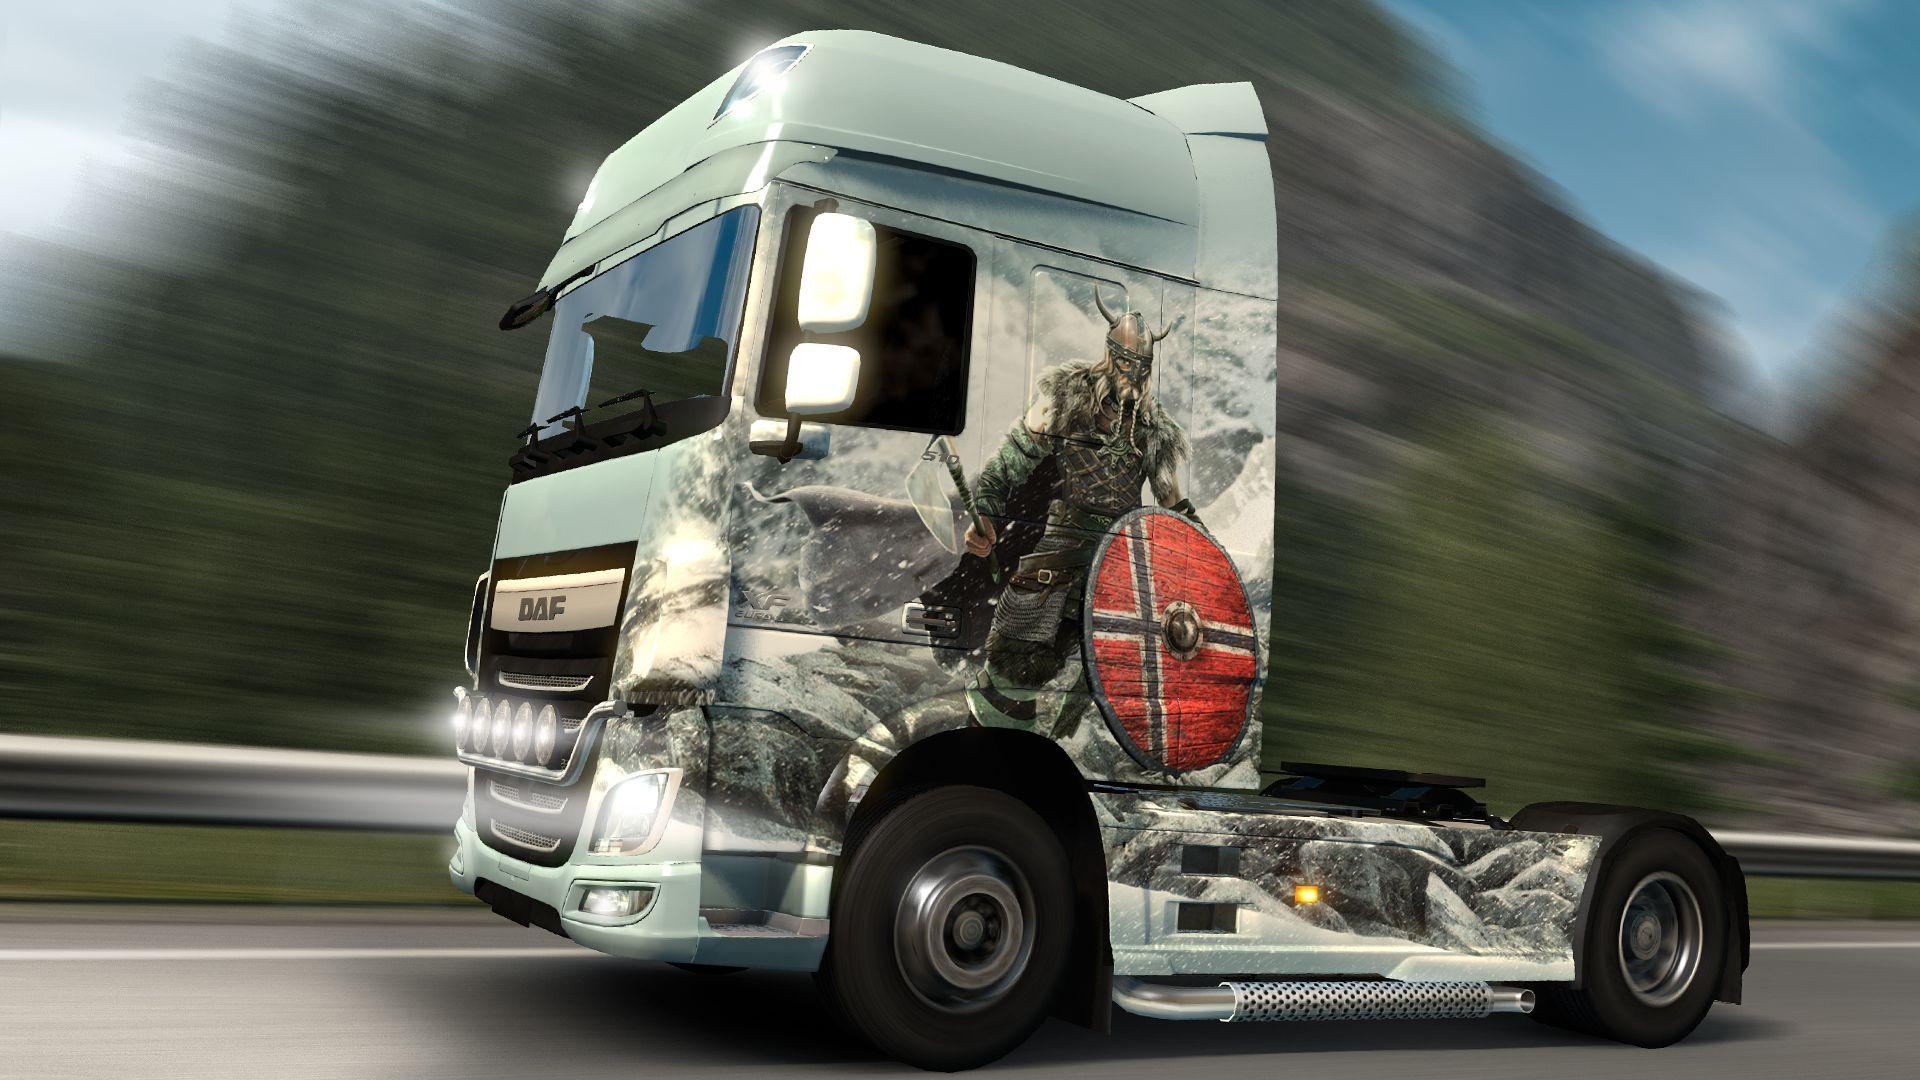 Вышло мини-обновление Euro Truck Simulator 2 до версии 1.18.1.3